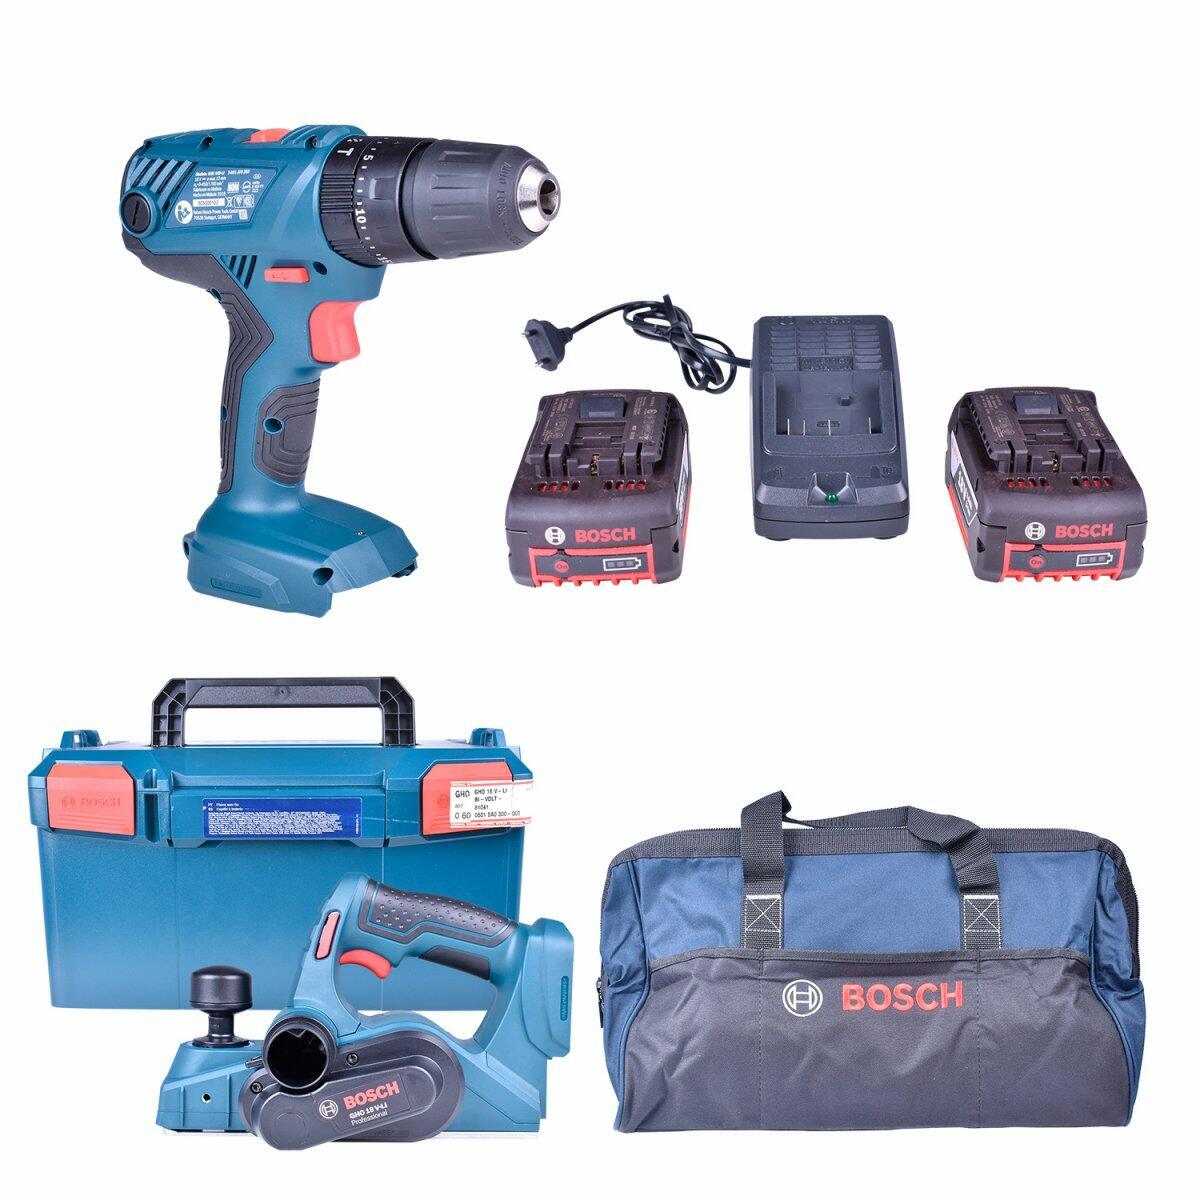 Parafusadeira / Furadeira de Impacto Gsb180-Li + Plaina A Bateria Gho18V-Li + Carregador com 2 Baterias 18V + Bolsa Ferramentas Bosch